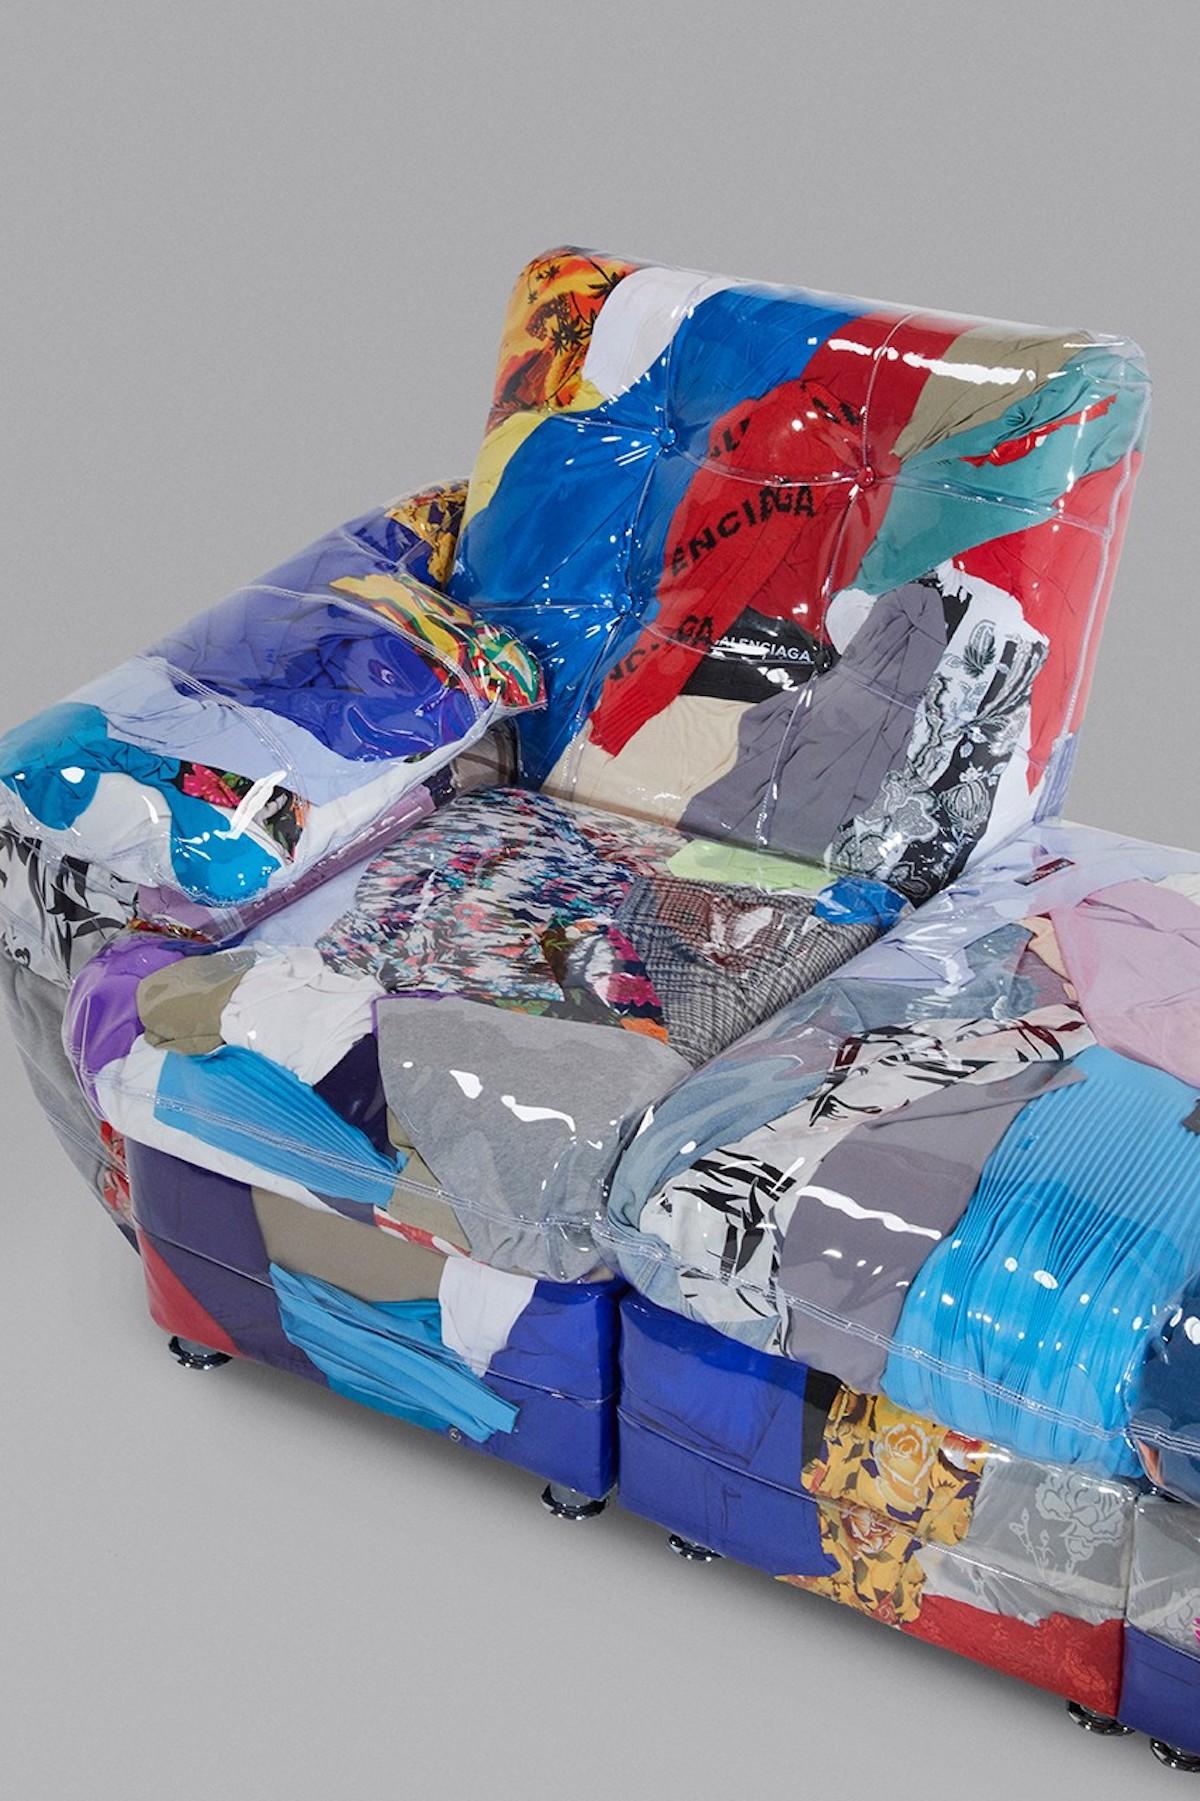 Balenciaga-Sofa-ropa-reciclada-loqueva (2)